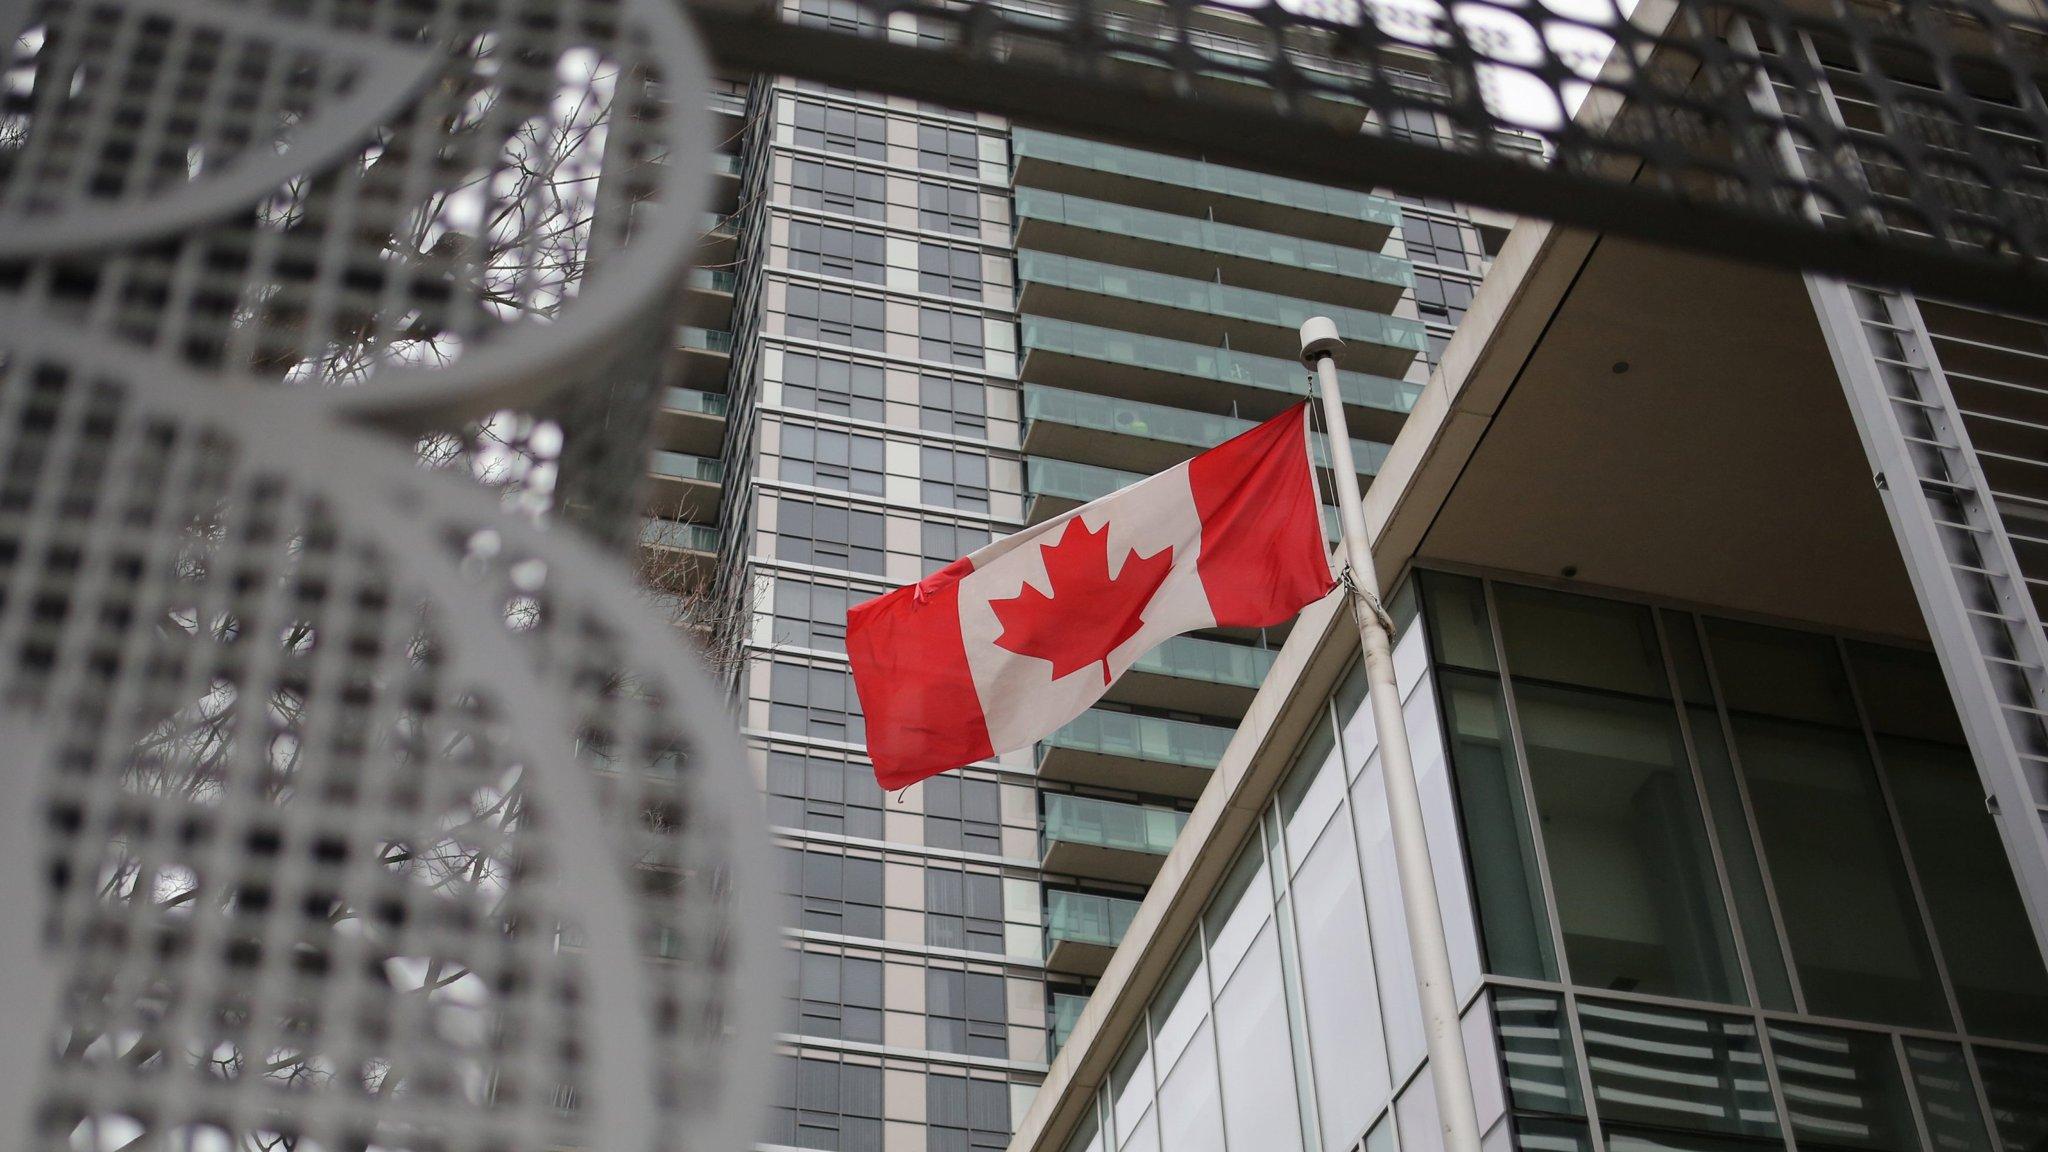 Lượng Hồ Sơ Di Trú Canada Tồn Đọng Đã Giảm 40%